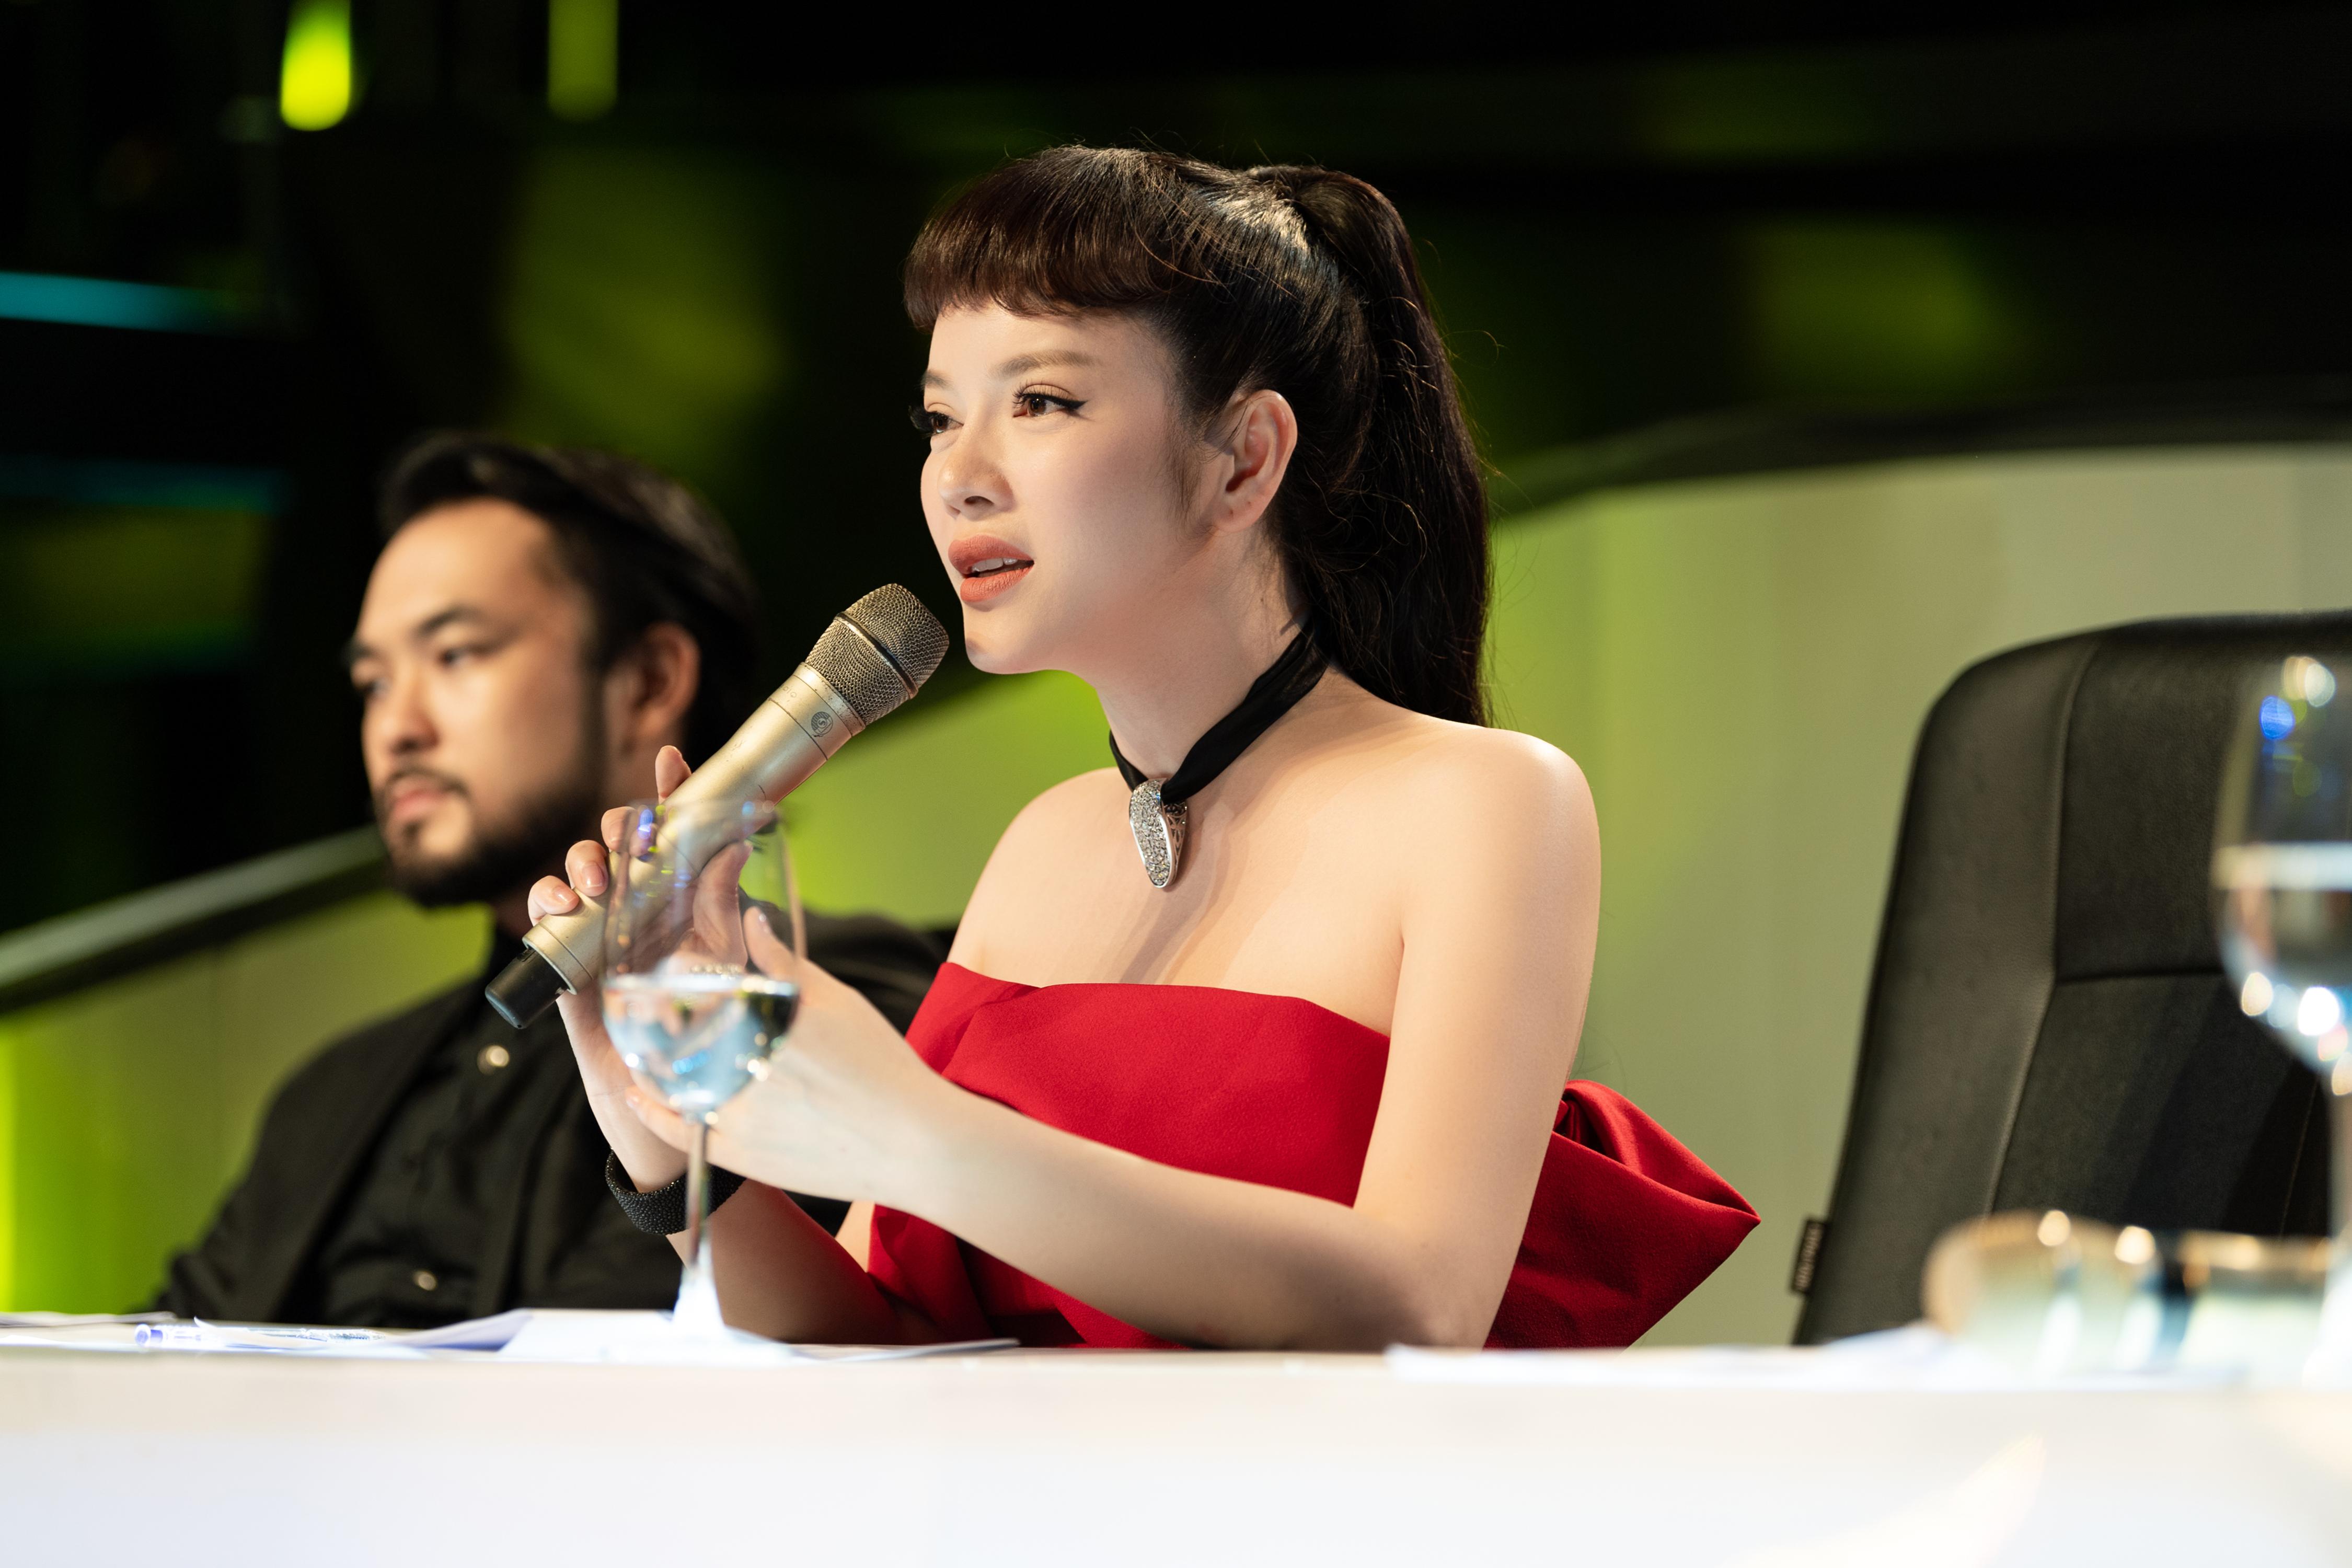 Lý Nhã Kỳ nổi bật trên ghế nóng gameshow Ảo thuật siêu phàm